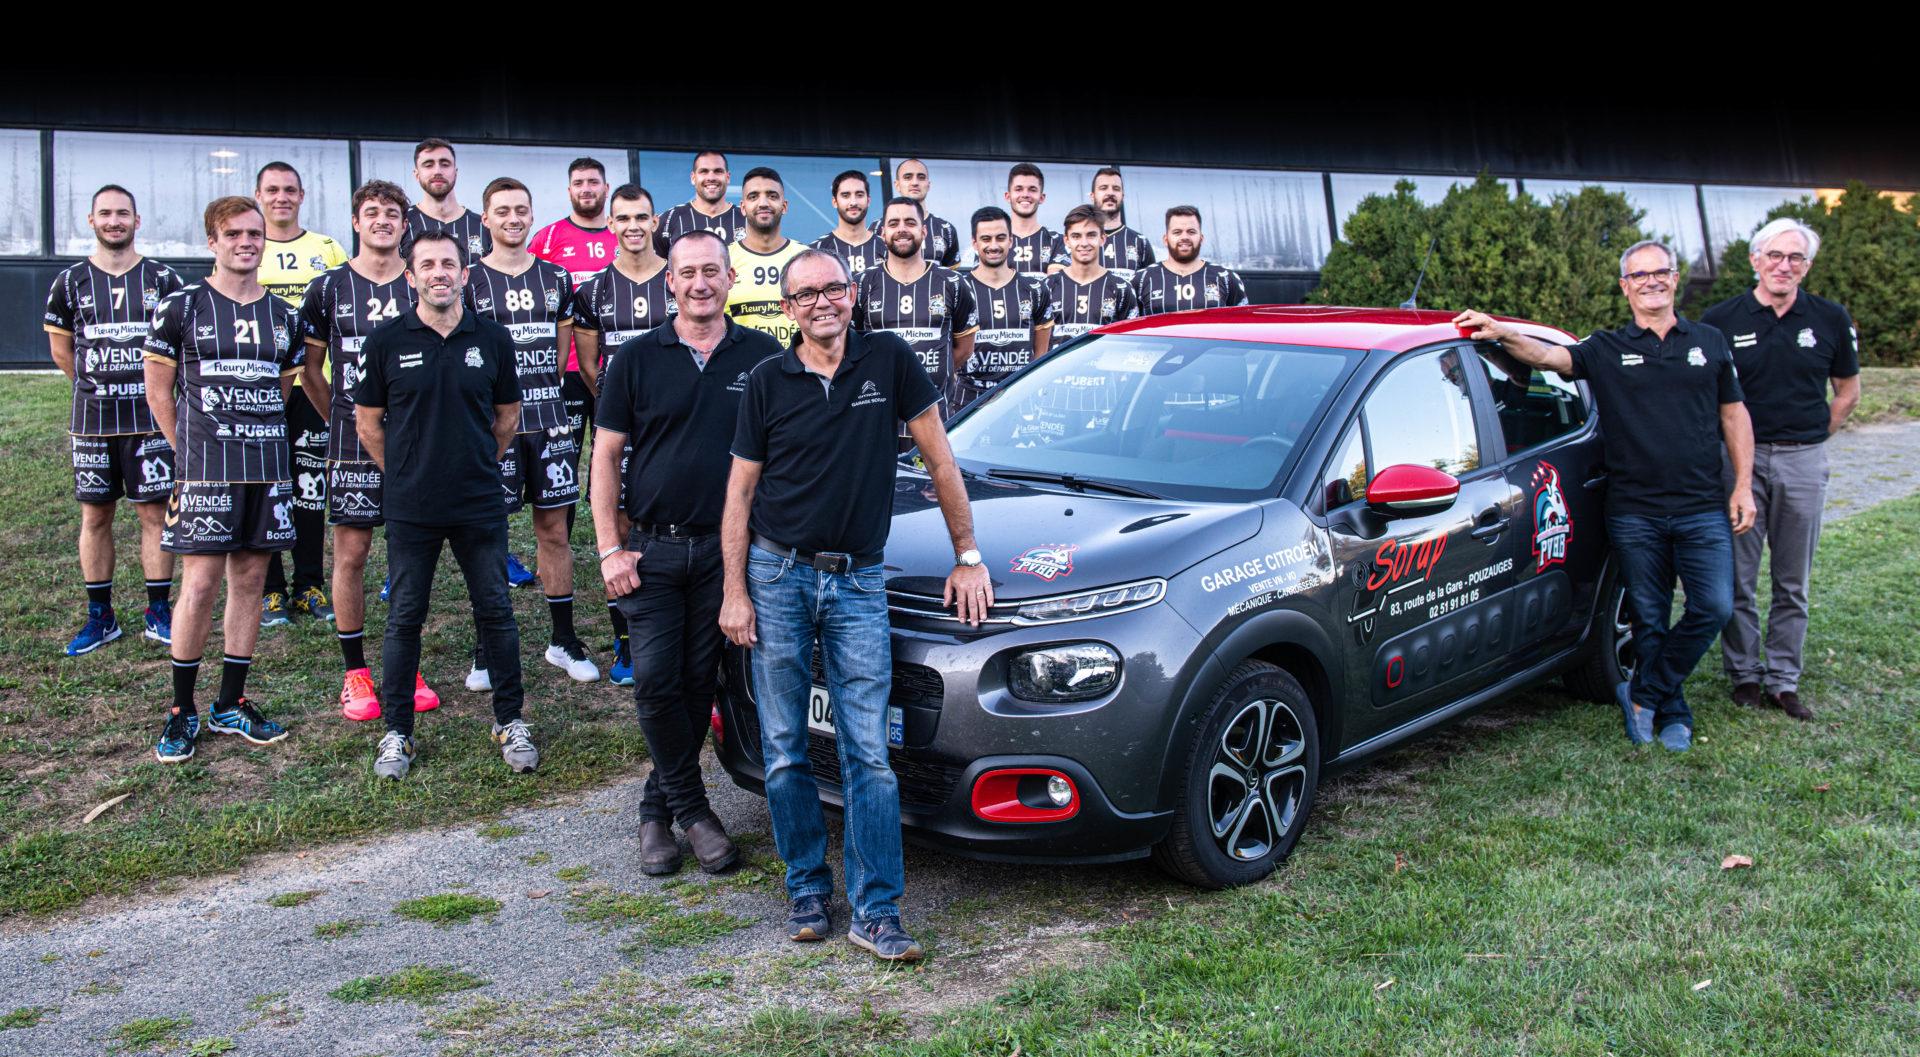 Les partenaires du Pouzauges venndee-handball